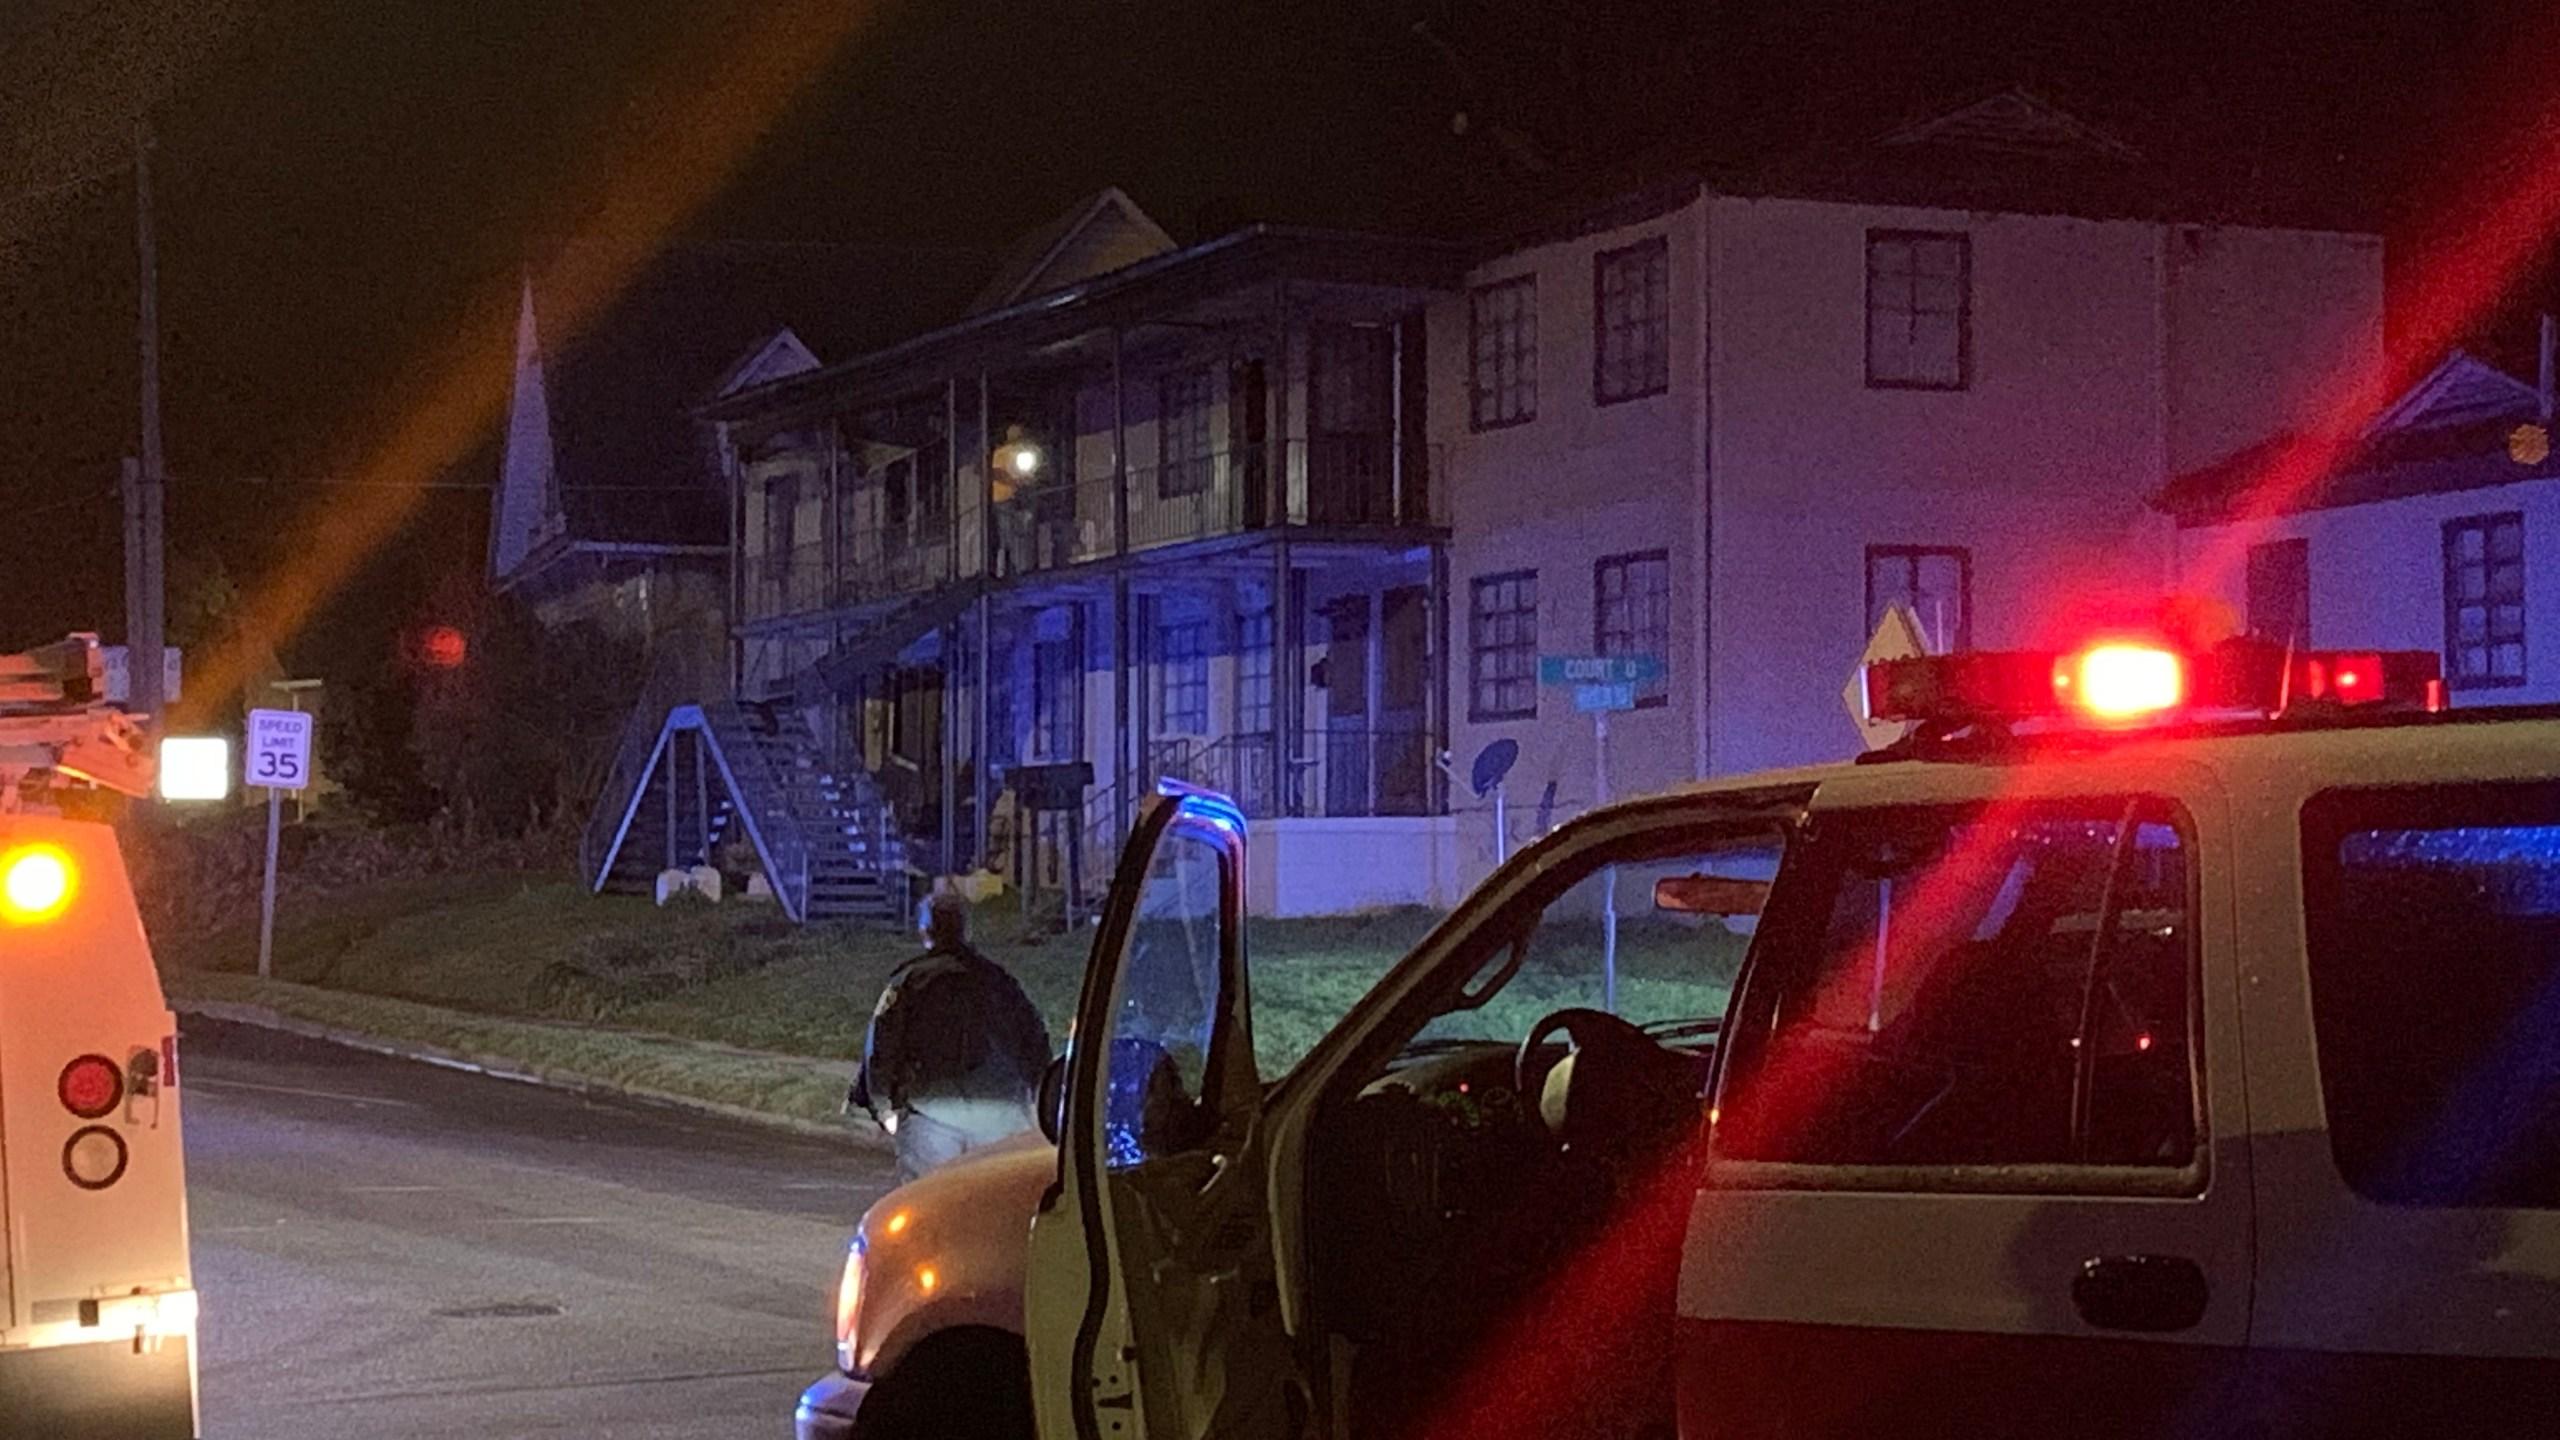 Children injured in apartment fire